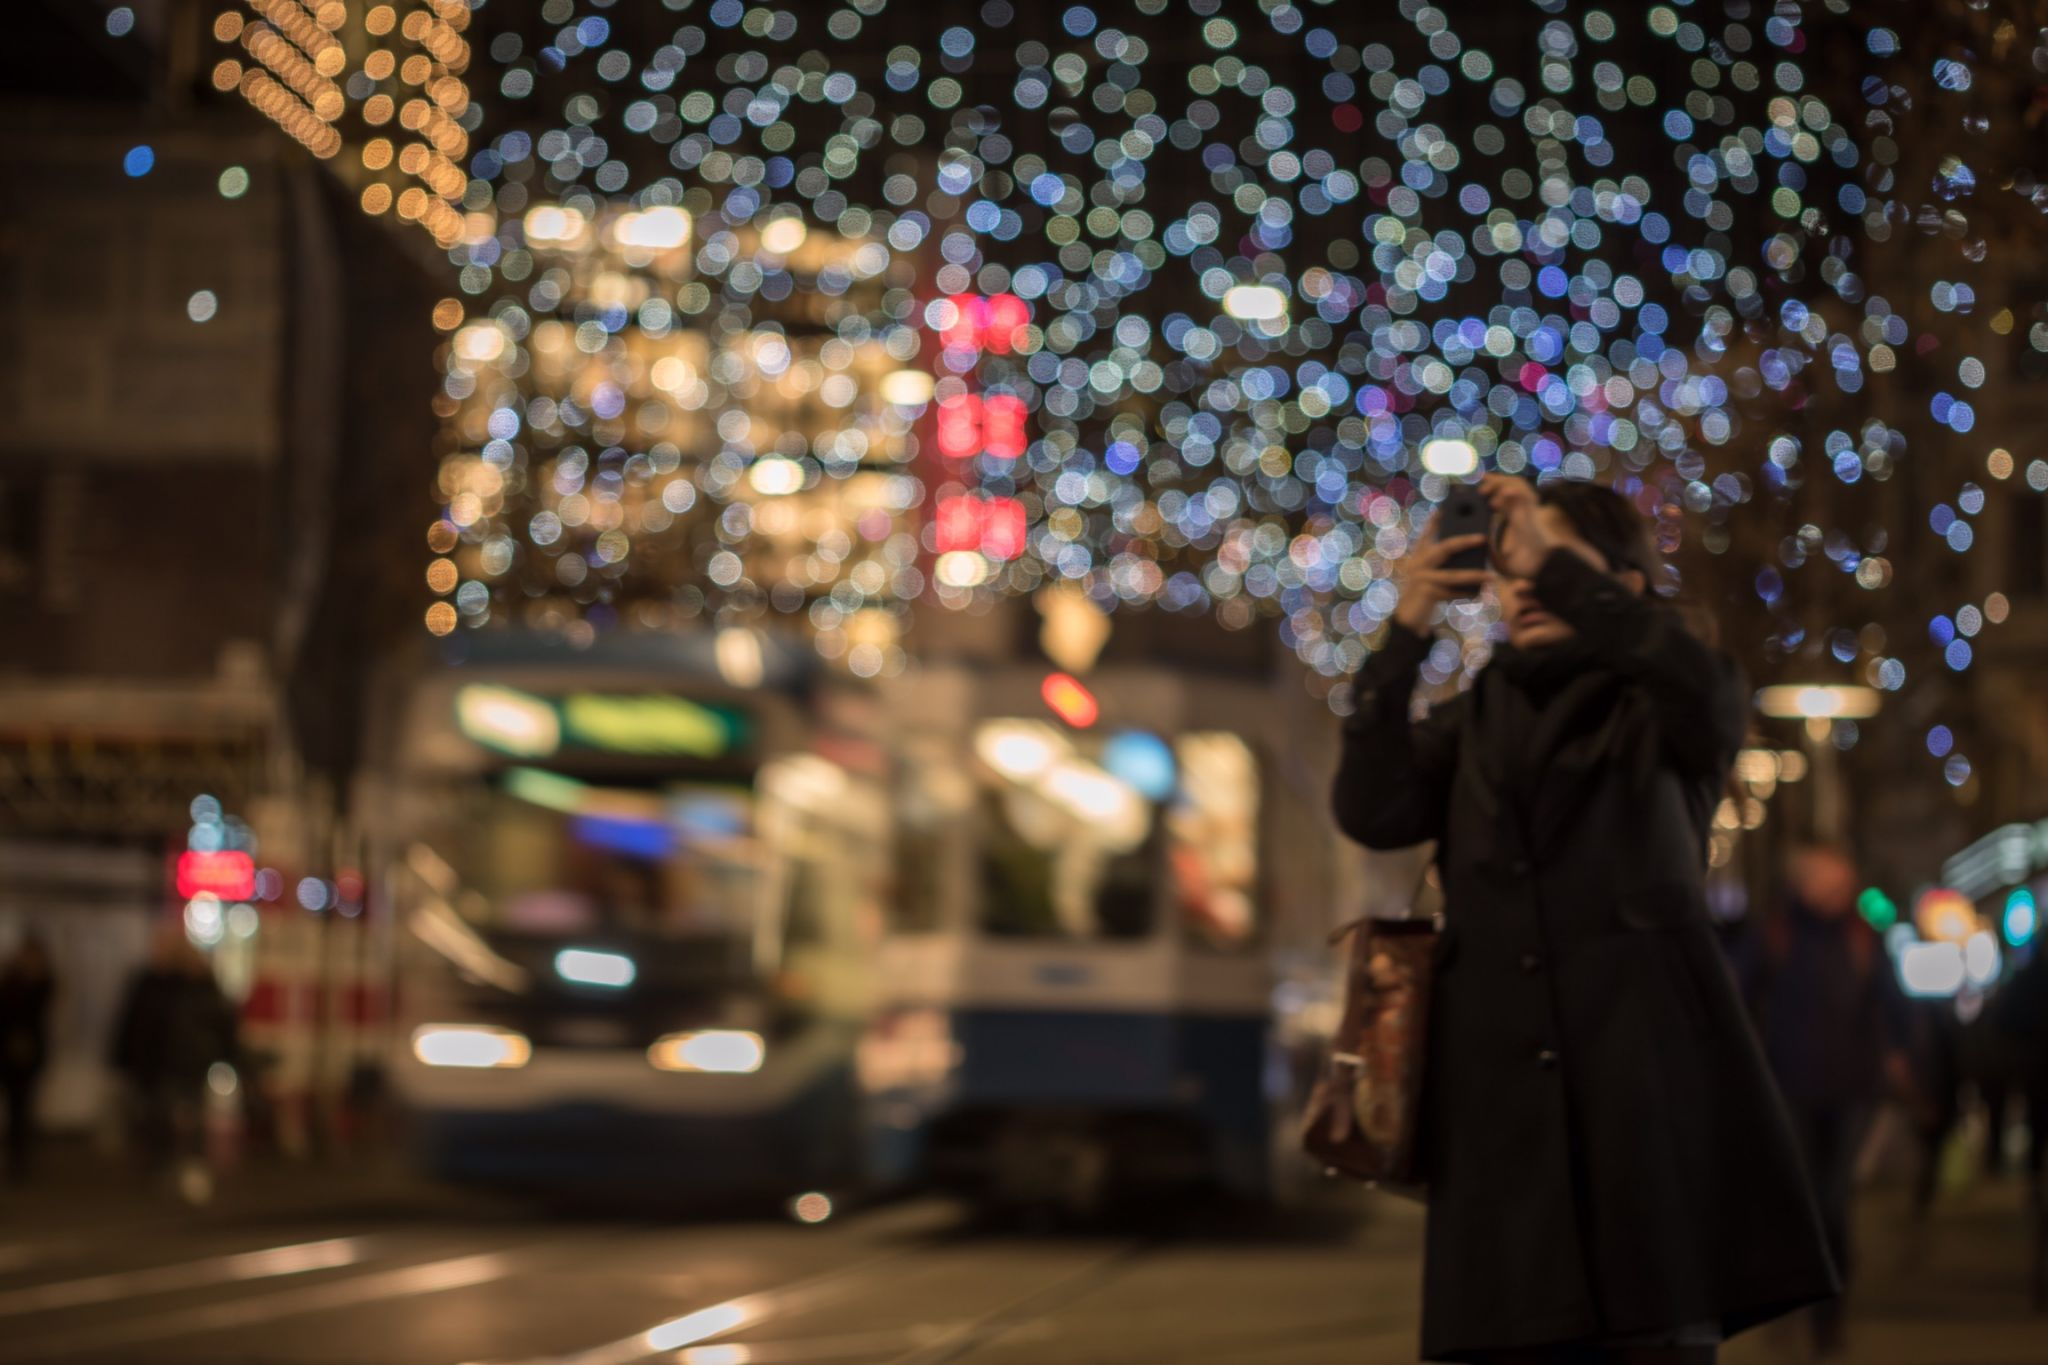 Taking pictures in Zurich, Switzerland